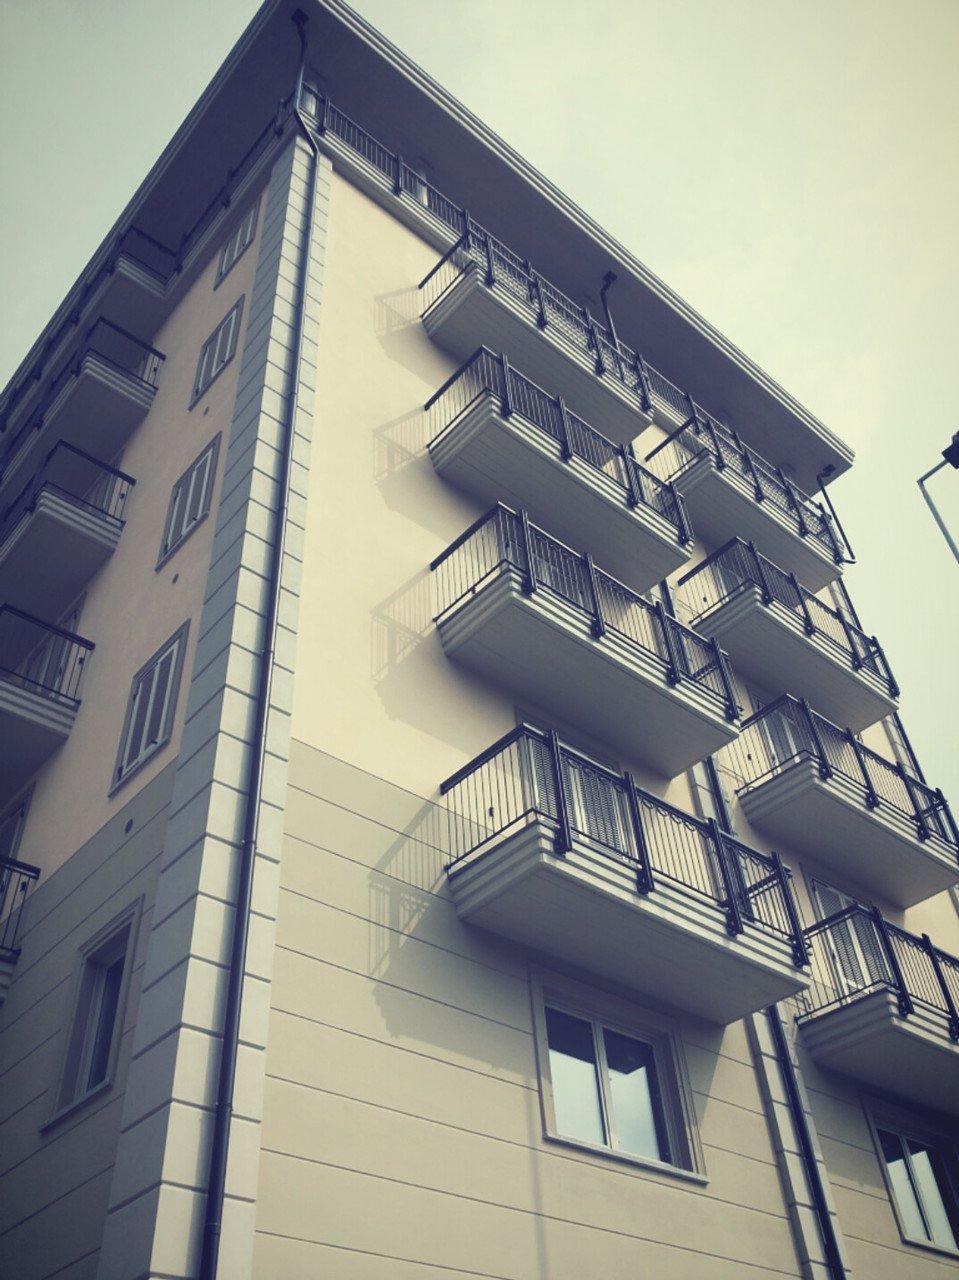 foto di un edificio residenziale